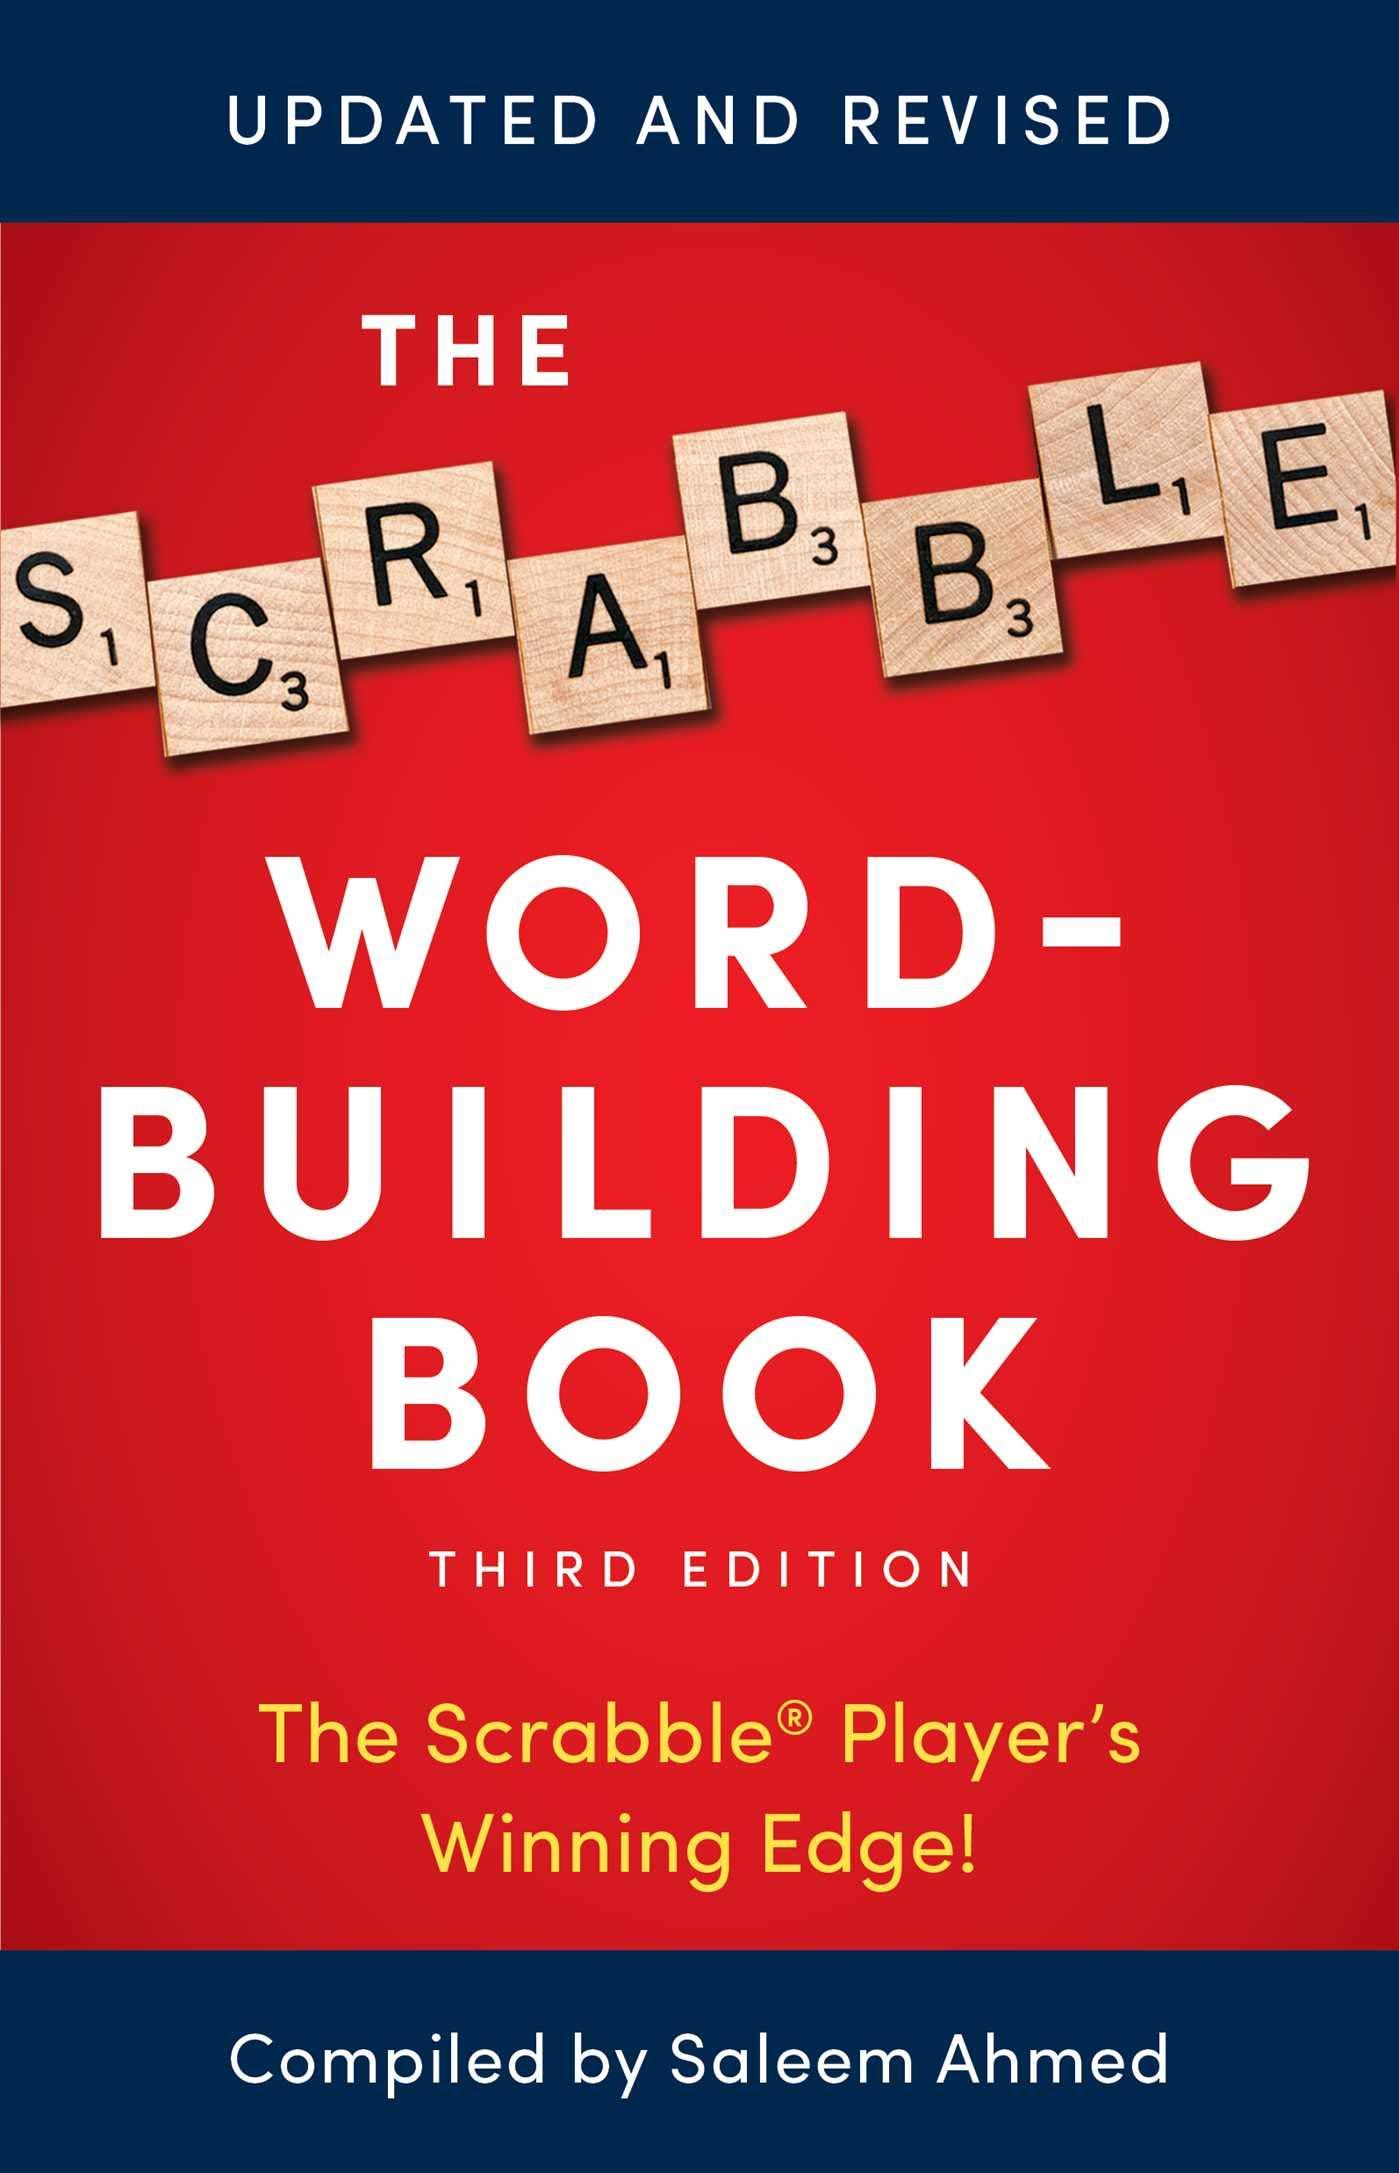 The Scrabble Word-Building Book: 3rd Edition: Amazon.es: Ahmed, Saleem: Libros en idiomas extranjeros